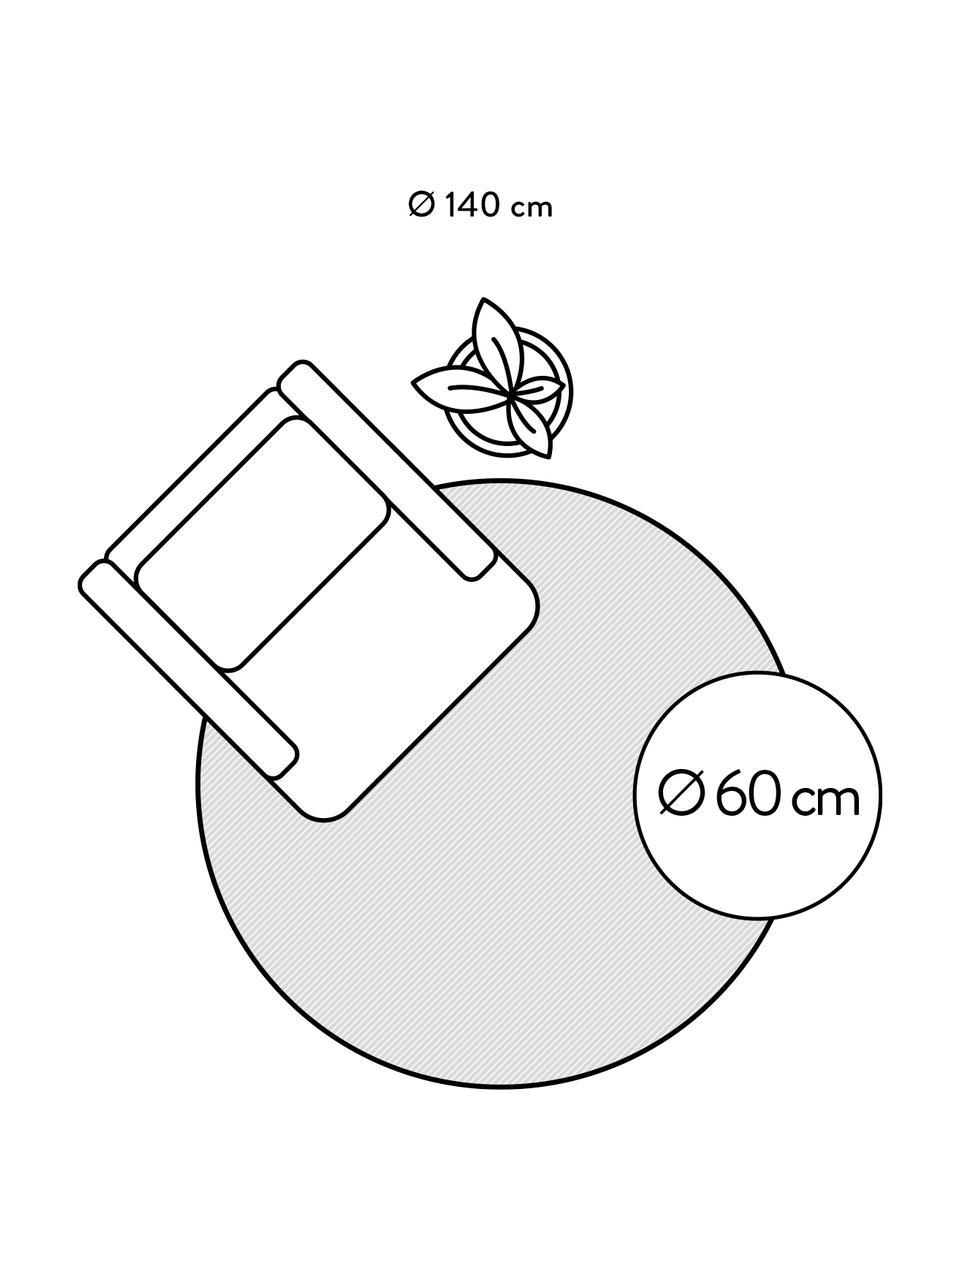 Gemusterter In- & Outdoor-Teppich Miami in Türkis/Weiß, 86% Polypropylen, 14% Polyester, Weiß, Türkis, Ø 200 cm (Größe L)